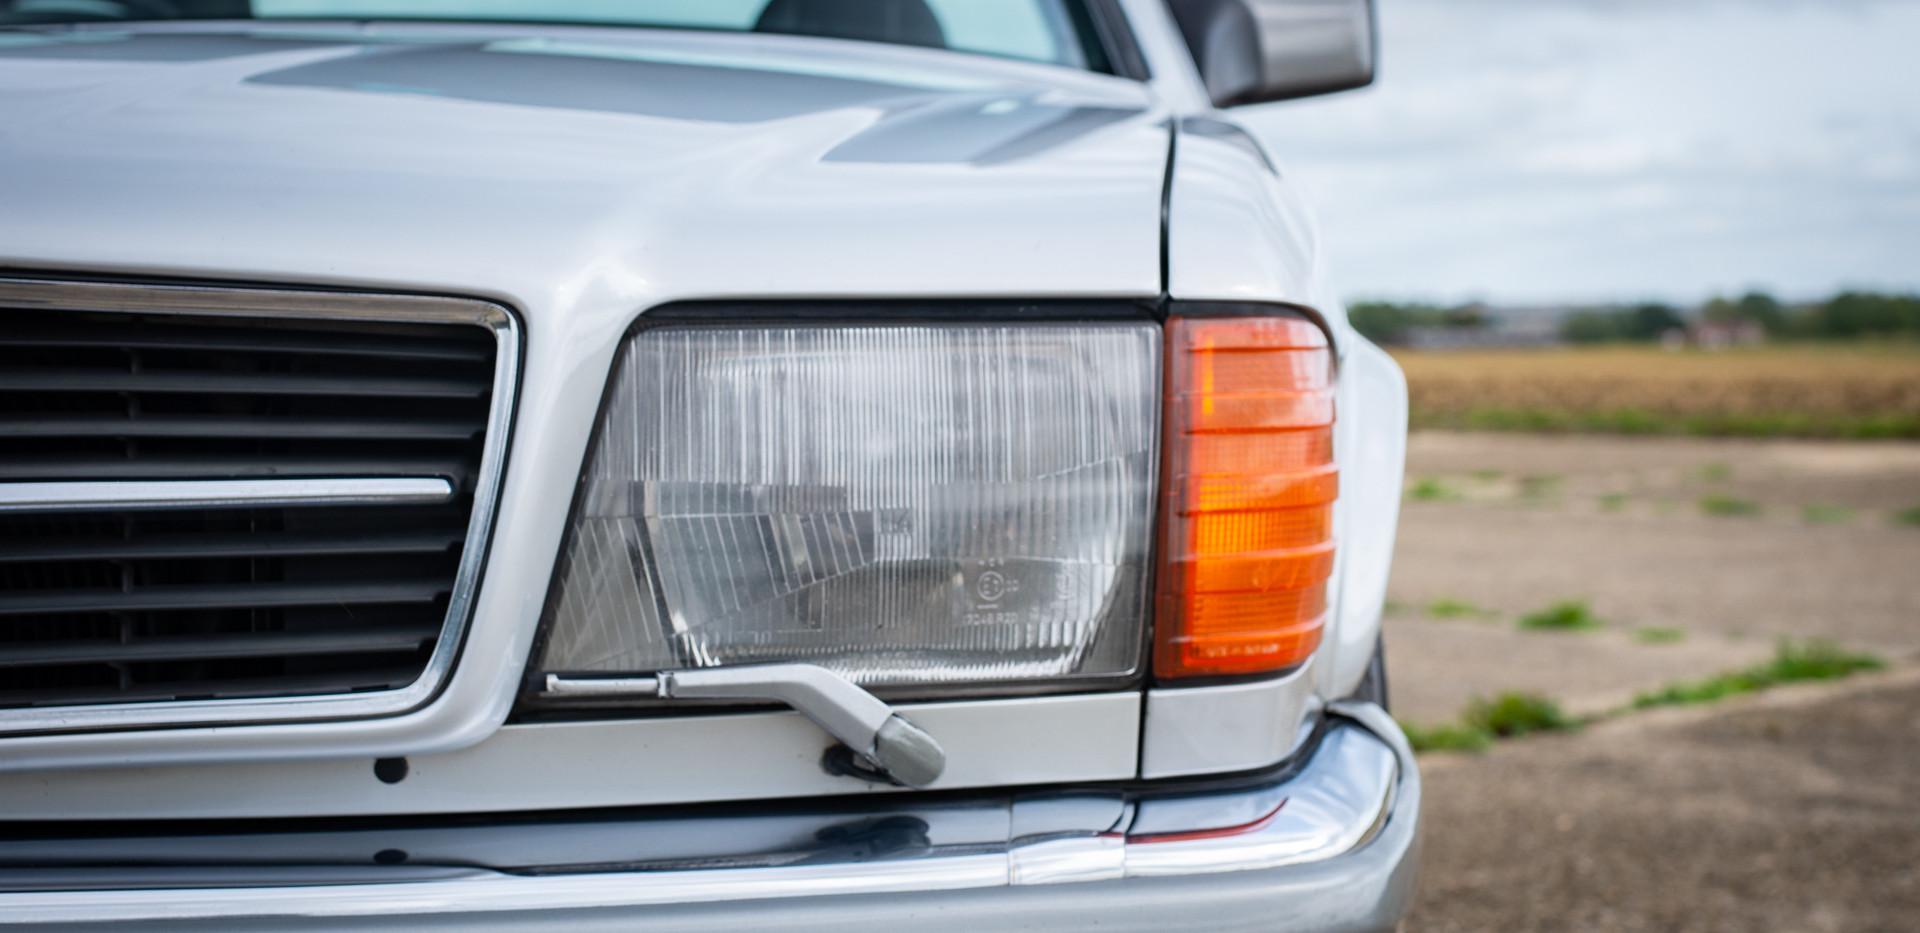 W126 420SEC - Uk for sale london-21.jpg